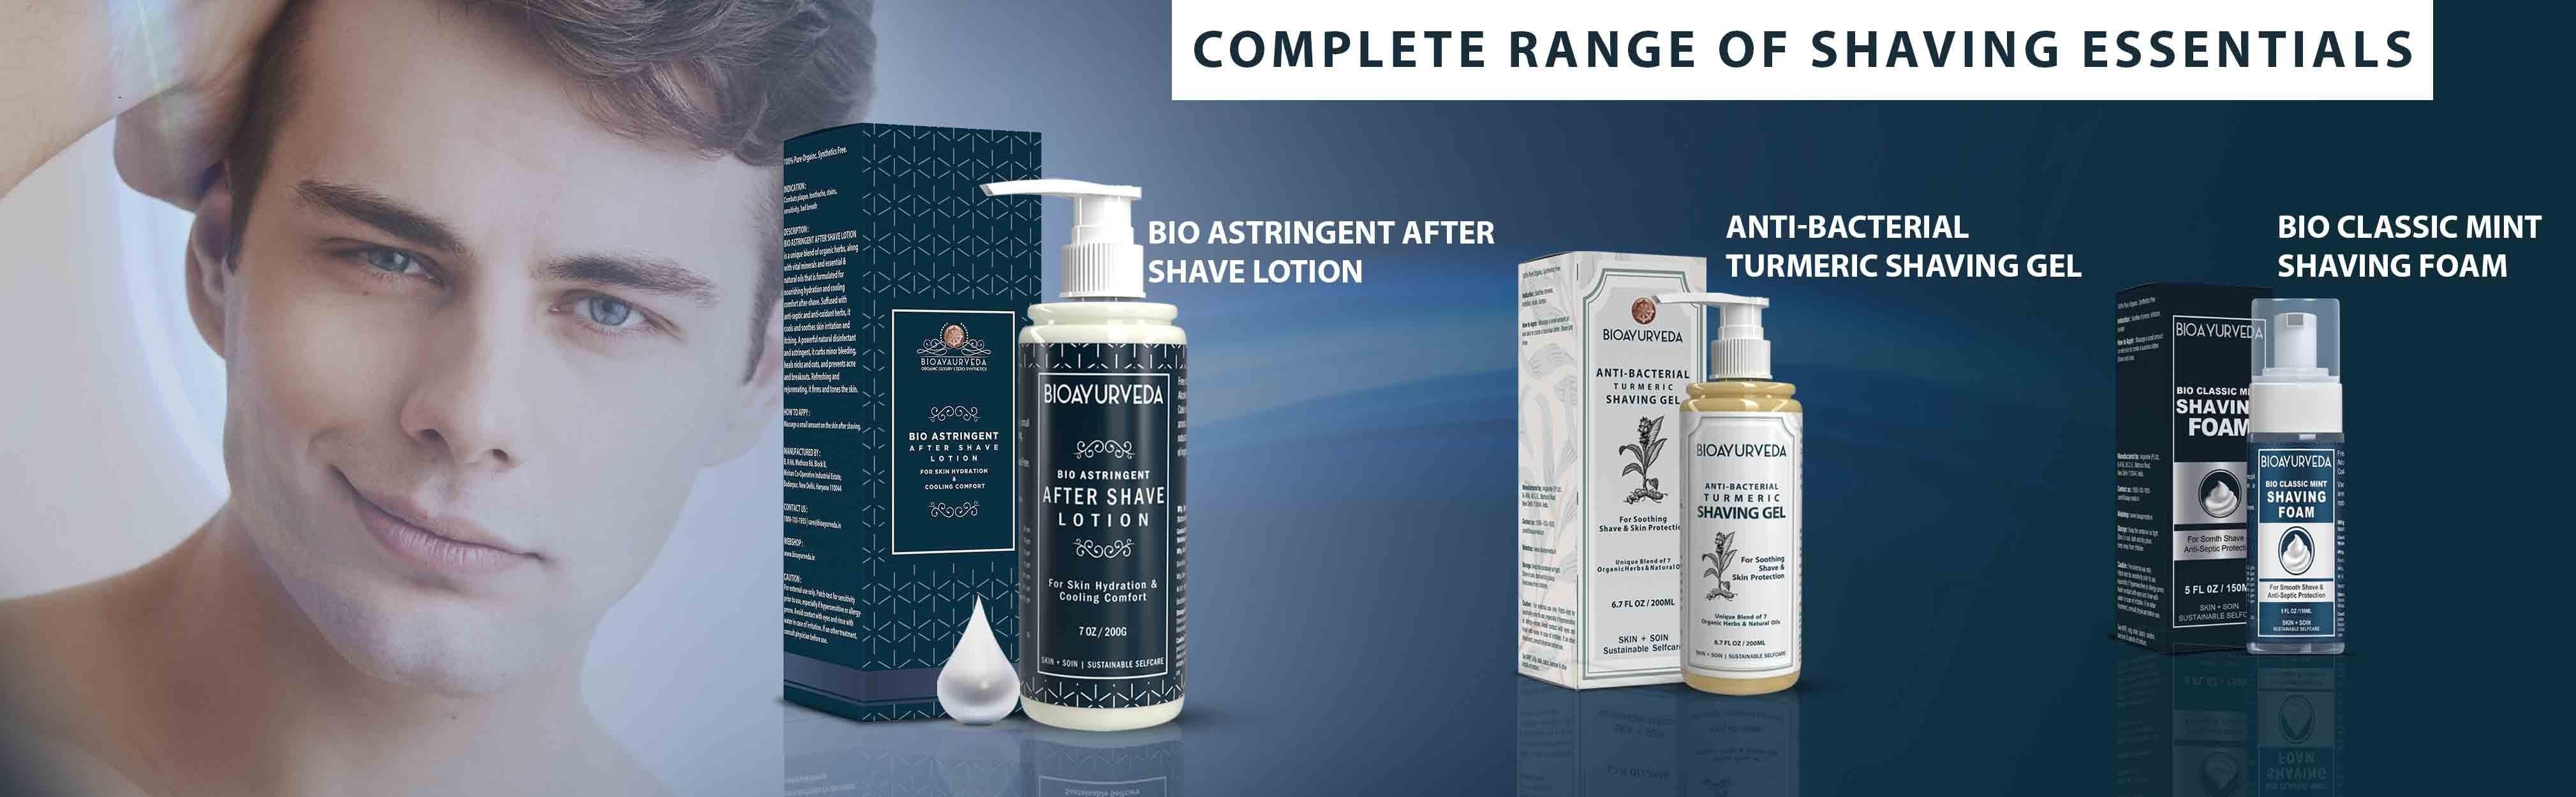 Shaving Foam, ahaving range